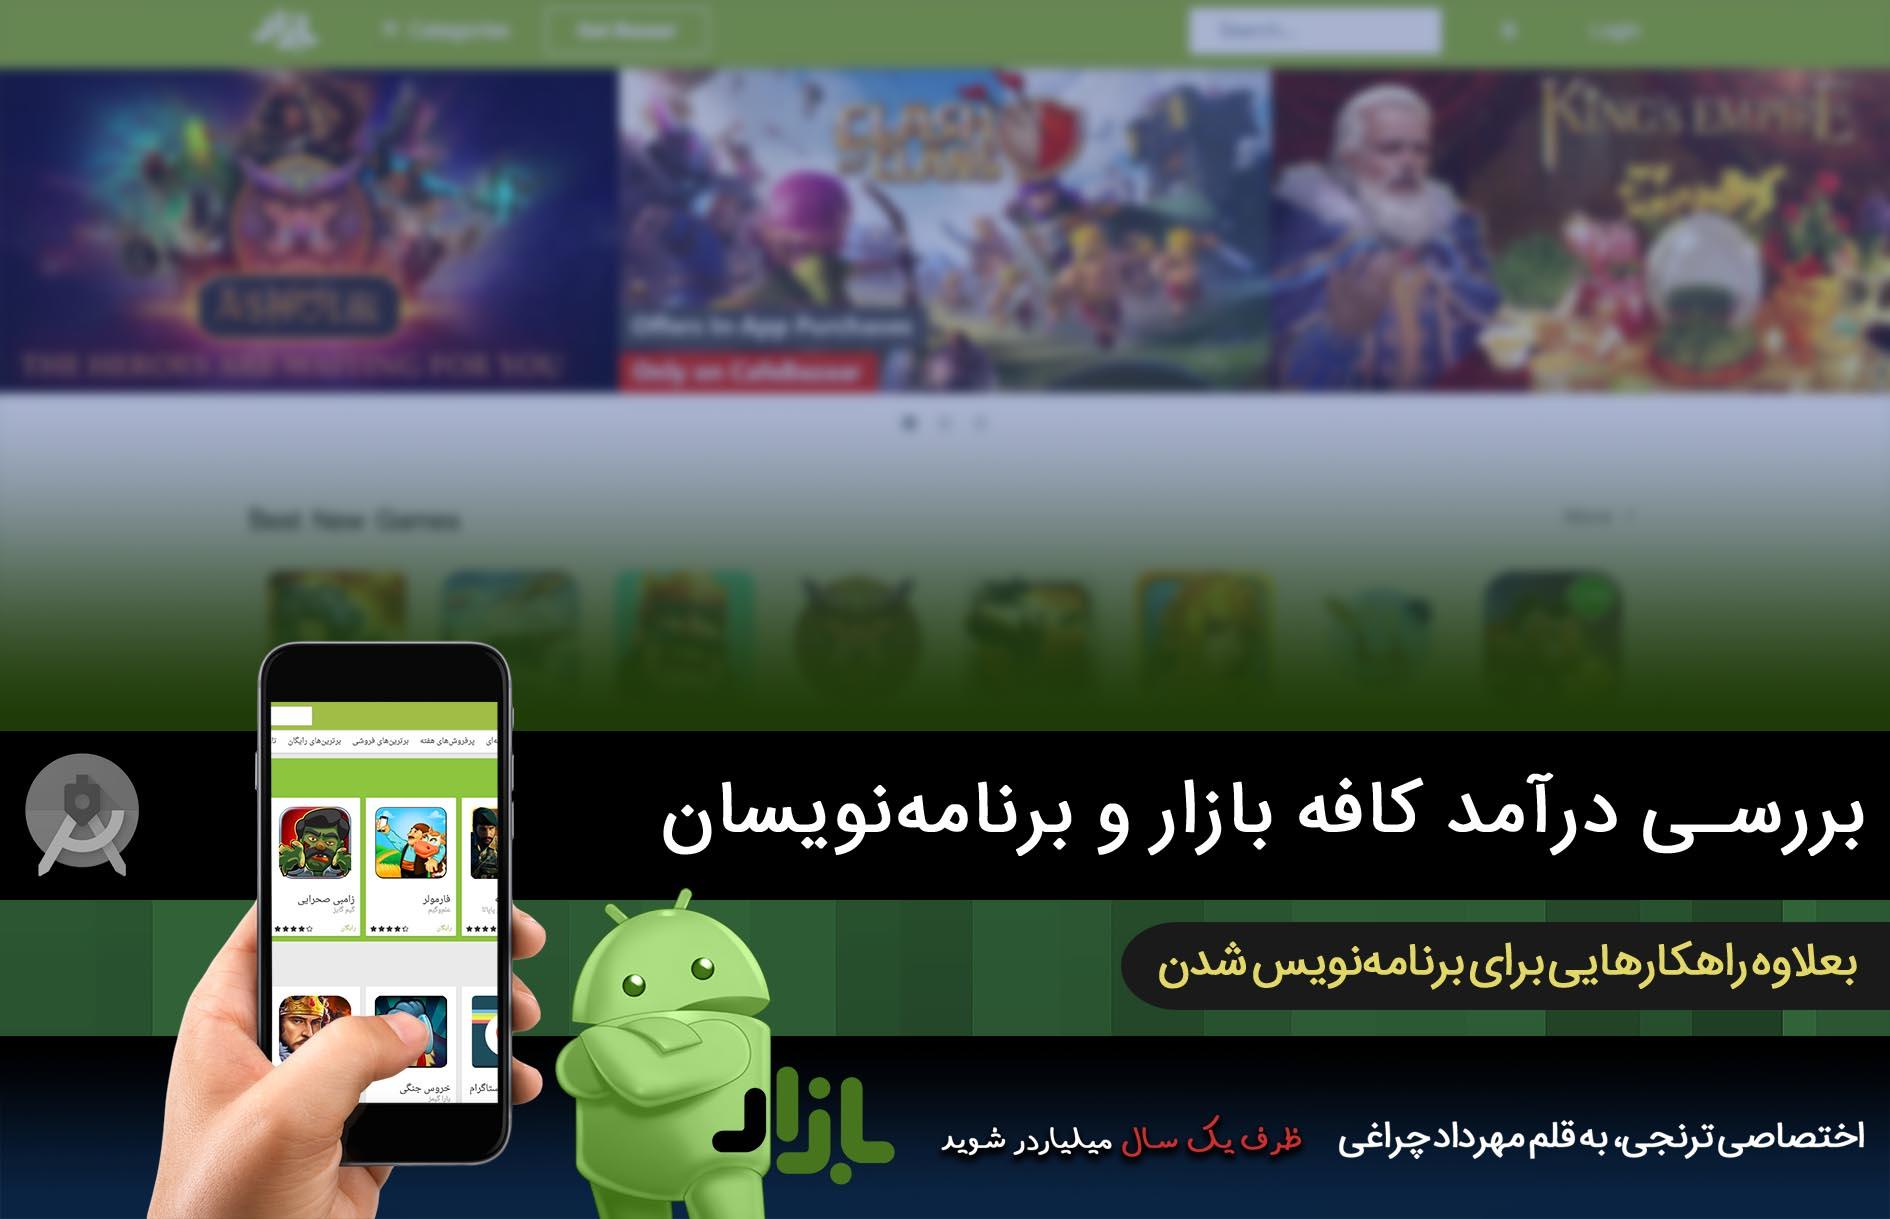 درآمد برنامهنویسان اندروید و کافهبازار | toranji.ir